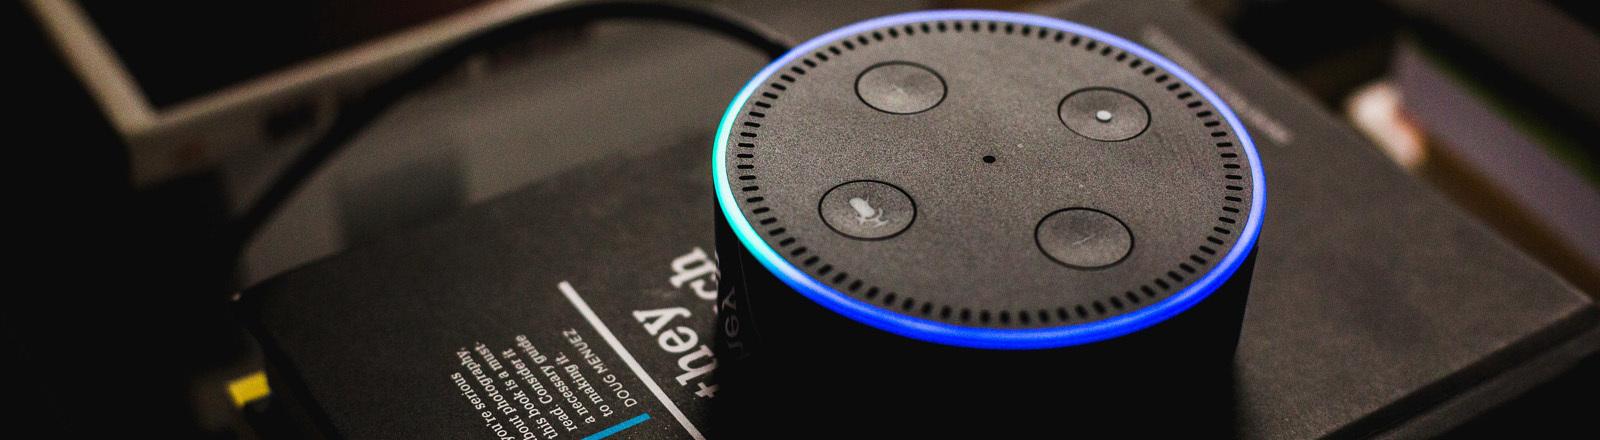 Smartspeaker Amazon Alexa leuchtet